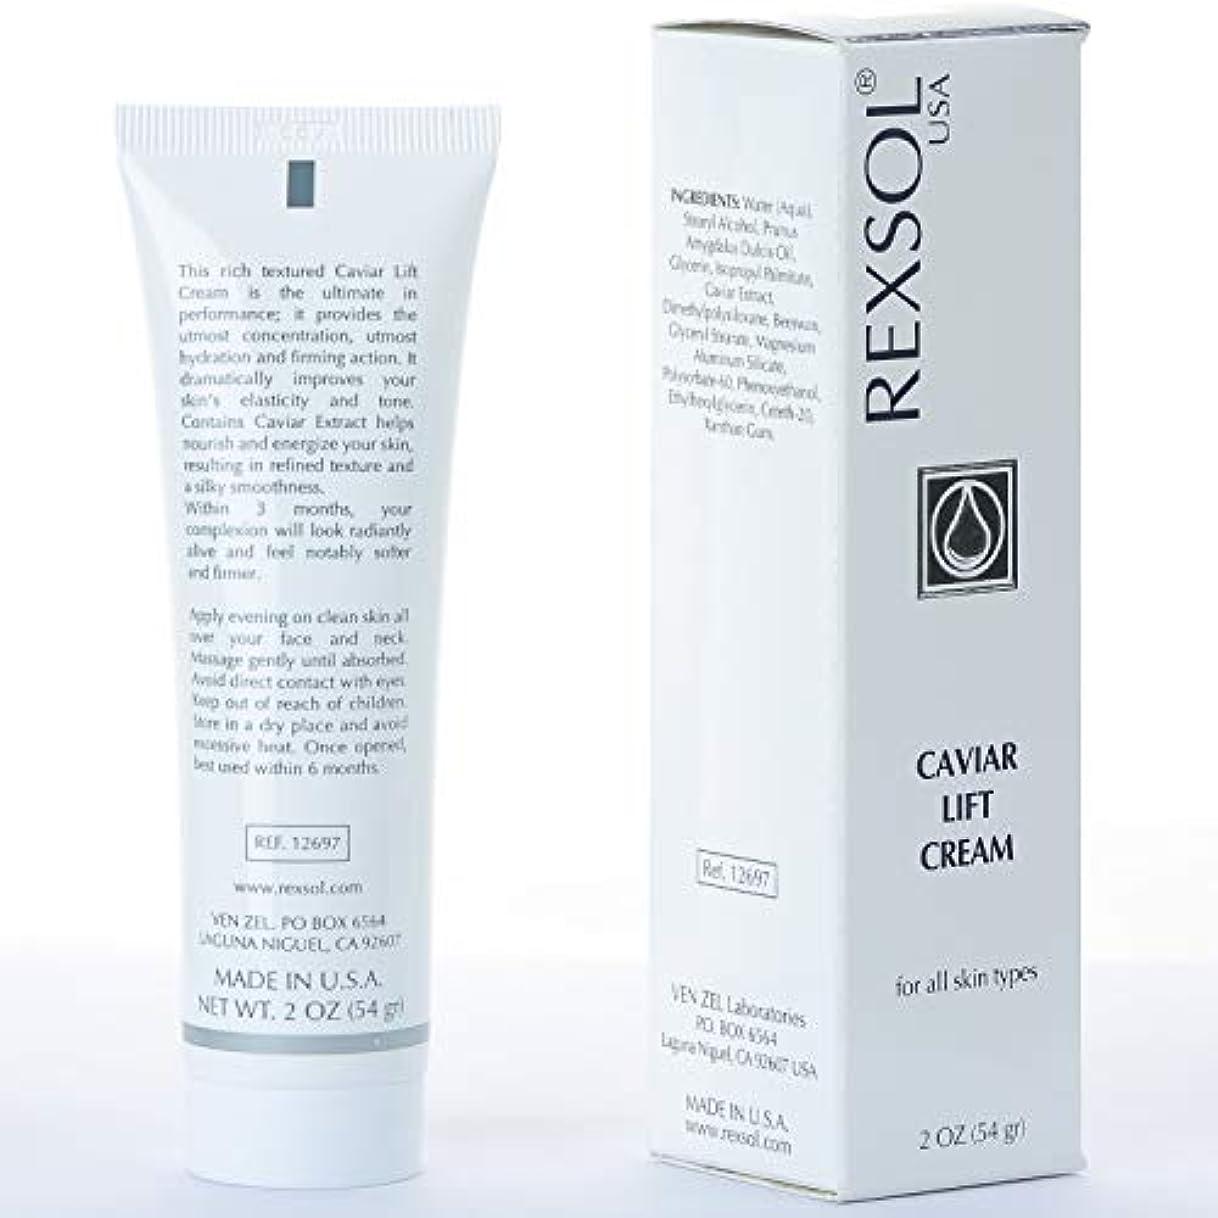 範囲放映妻REXSOL Caviar Lift Cream | Contains Prunus Amygdalus Dulcis Oil, Glycerin, Beeswax & Caviar Extract | あなたの肌の弾力...